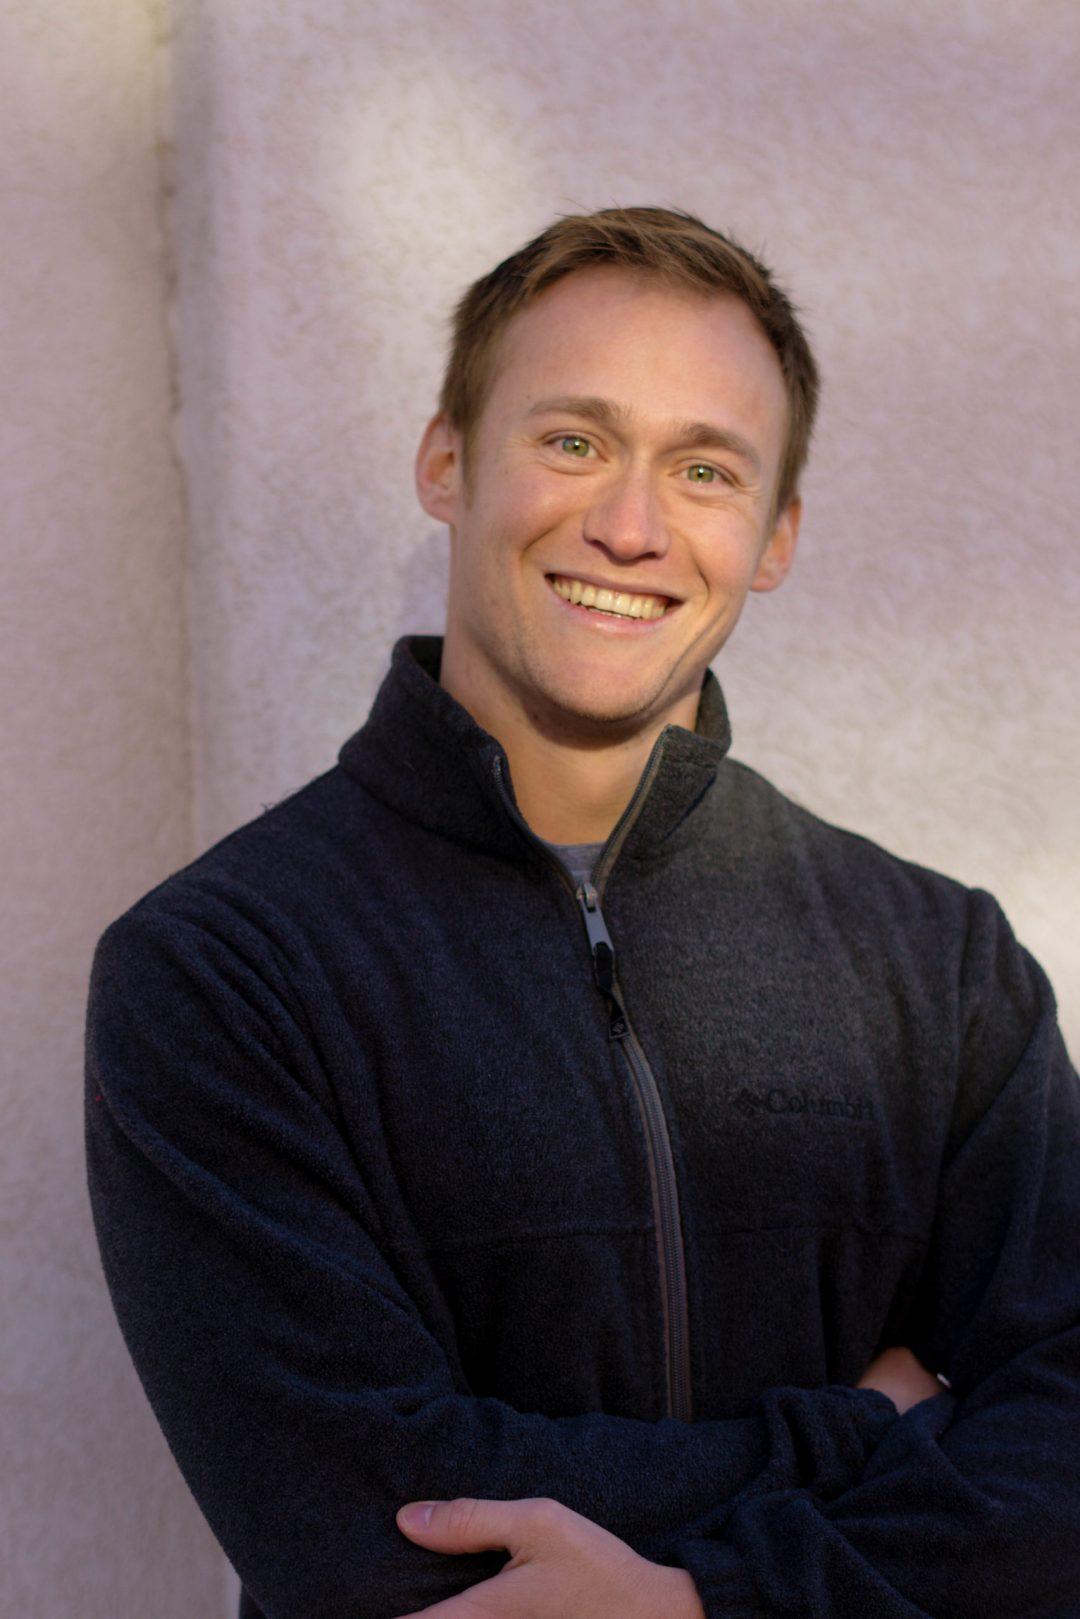 Jeff Sidwell